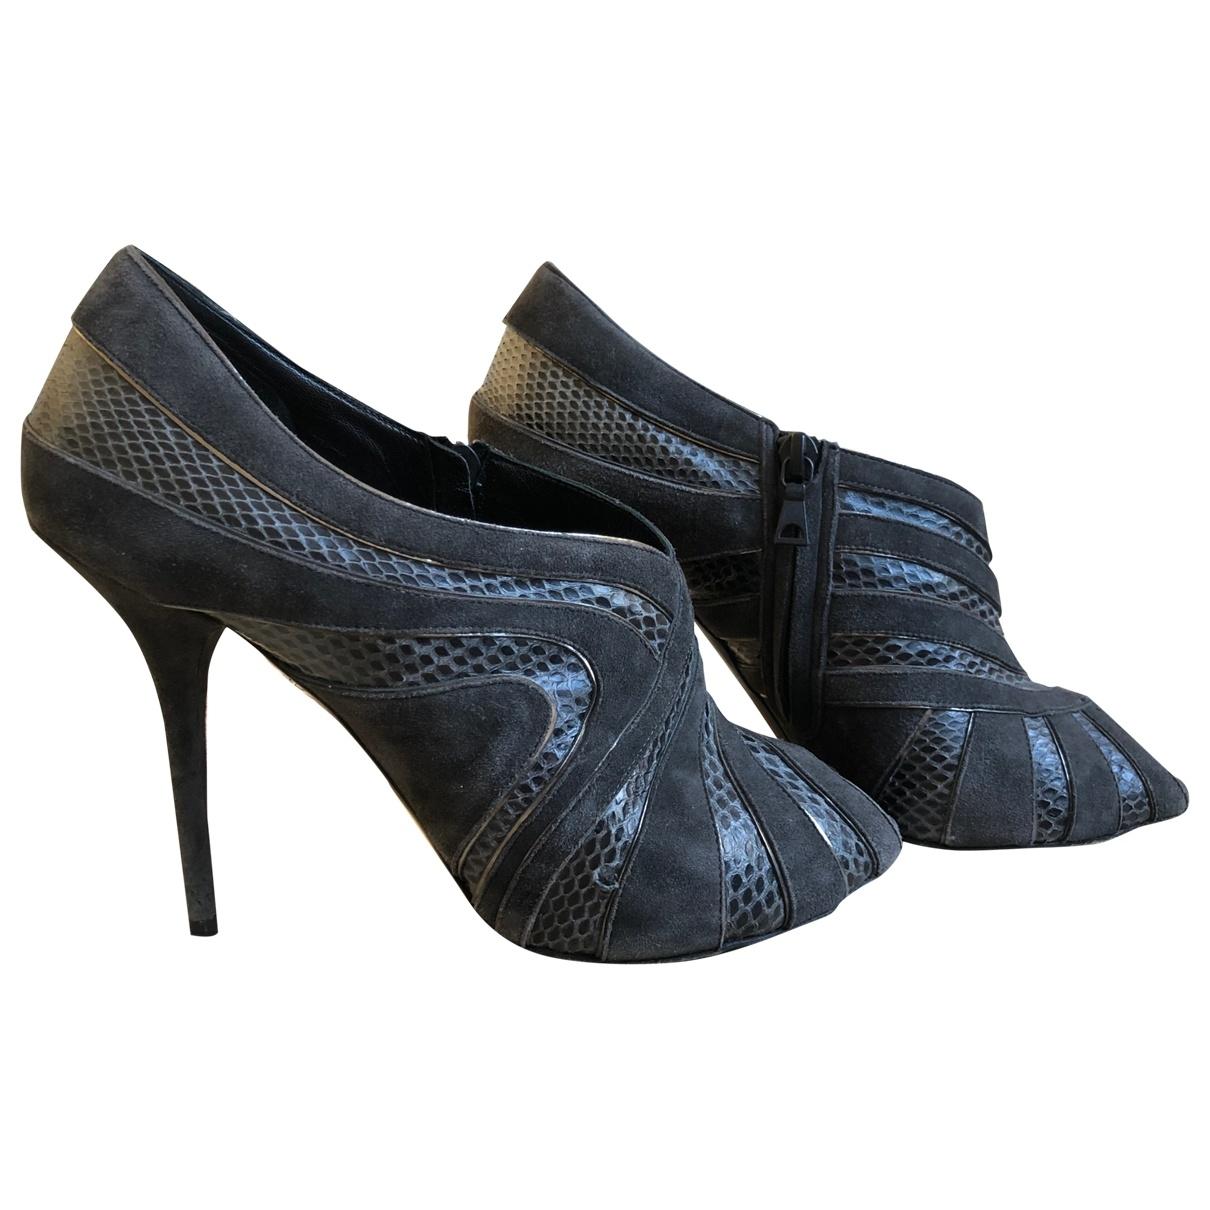 Dolce & Gabbana - Boots   pour femme en serpent deau - anthracite